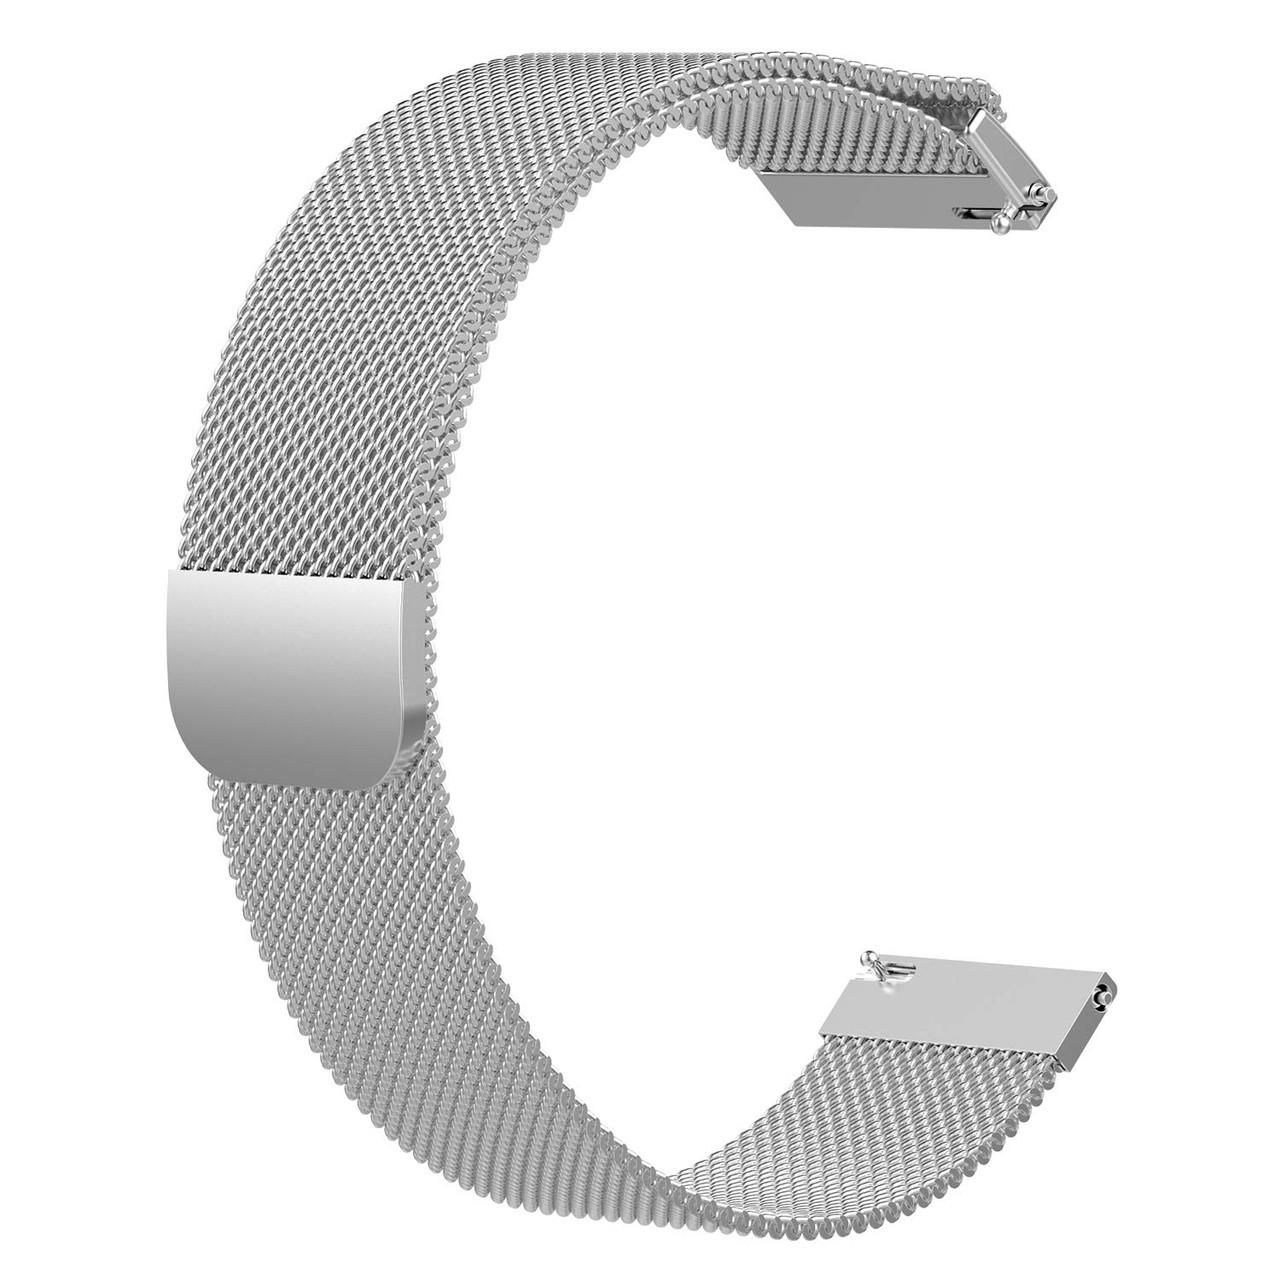 Ремешок универсальный шириной 20мм BeWatch миланская петля | milanesse loop для смарт-часов Серебристый (1010218)